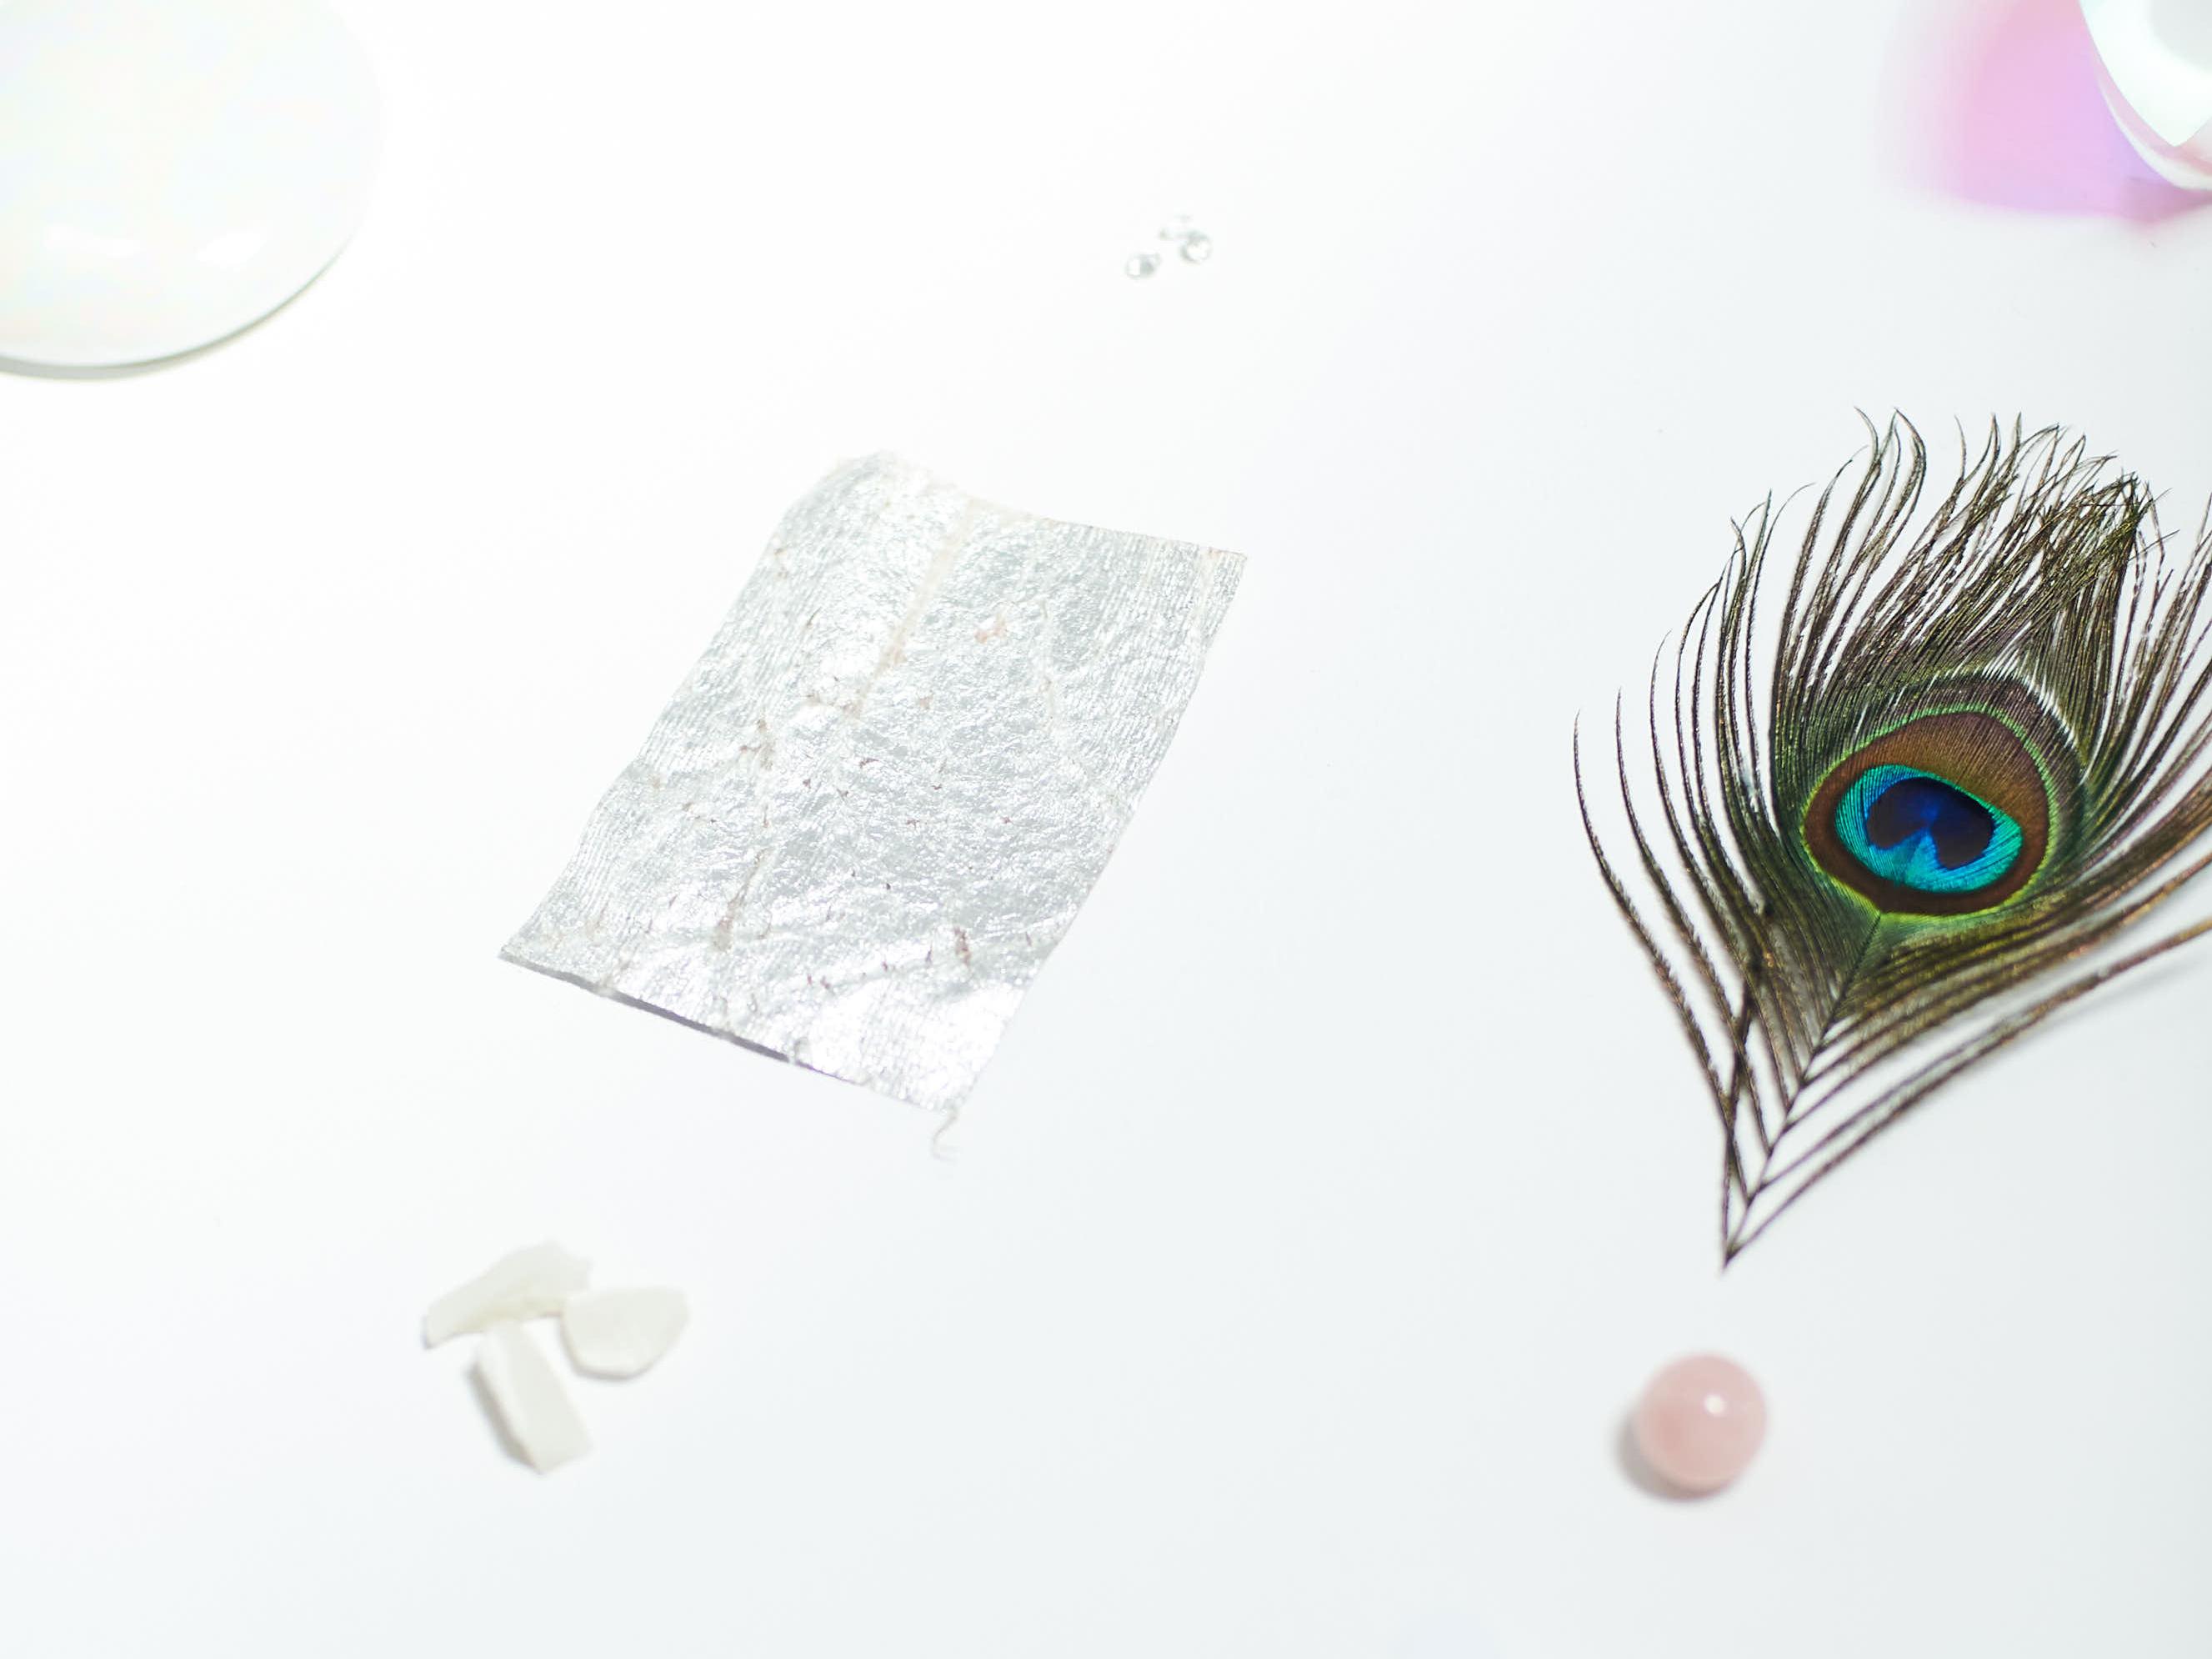 Negoci i sostenibilitat: com es relacionen? | Barcelona centro de Diseño